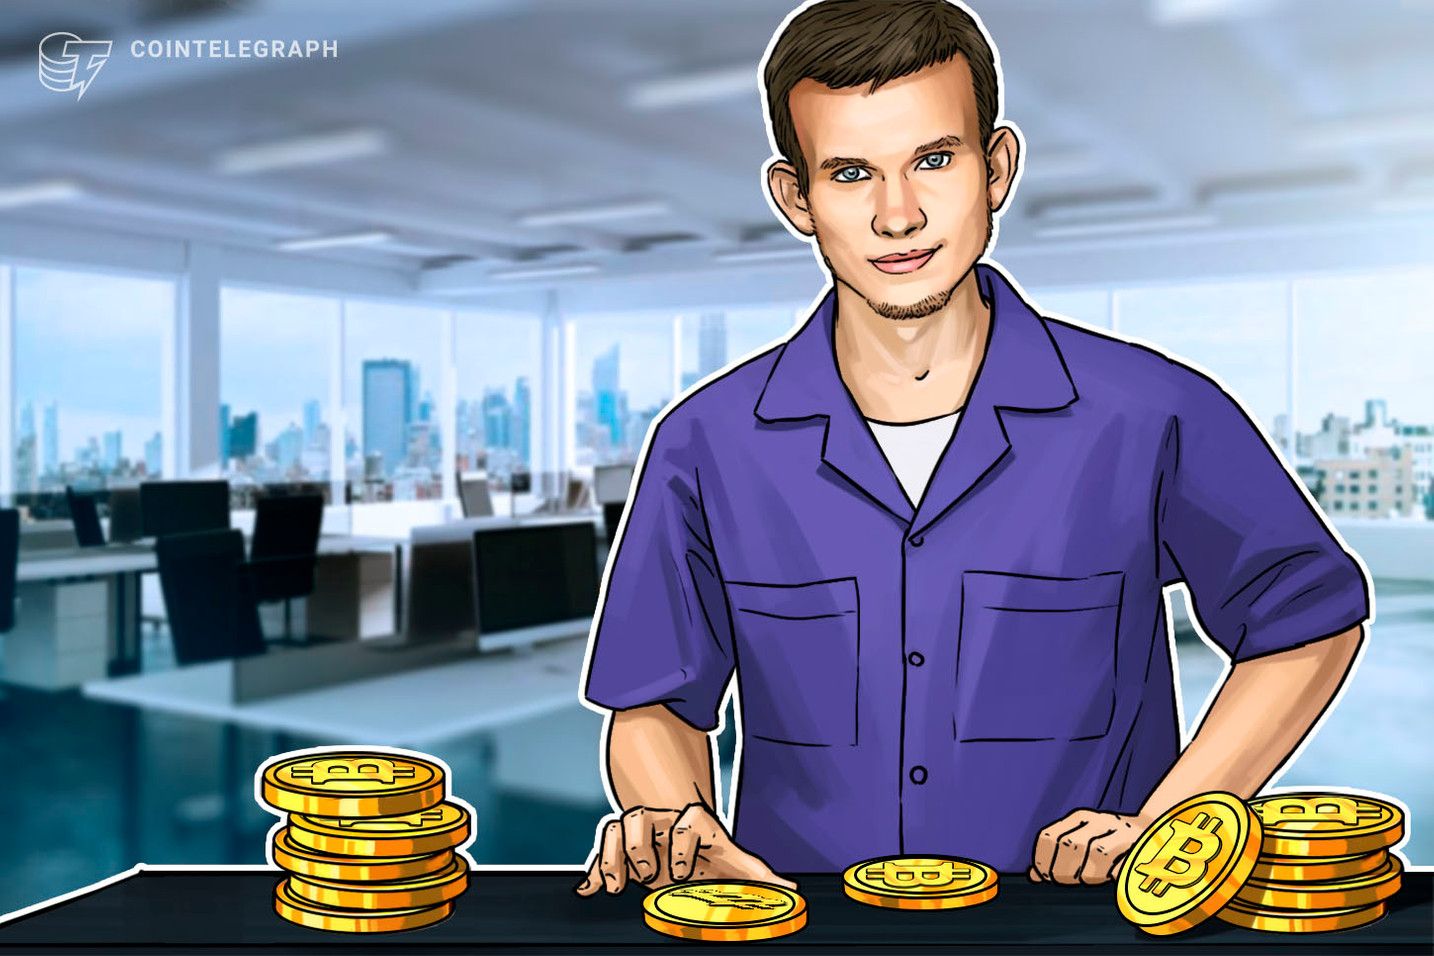 「事後の合理化はクソ」ヴィタリック、仮想通貨ビットコイン予想モデルを酷評【ニュース】